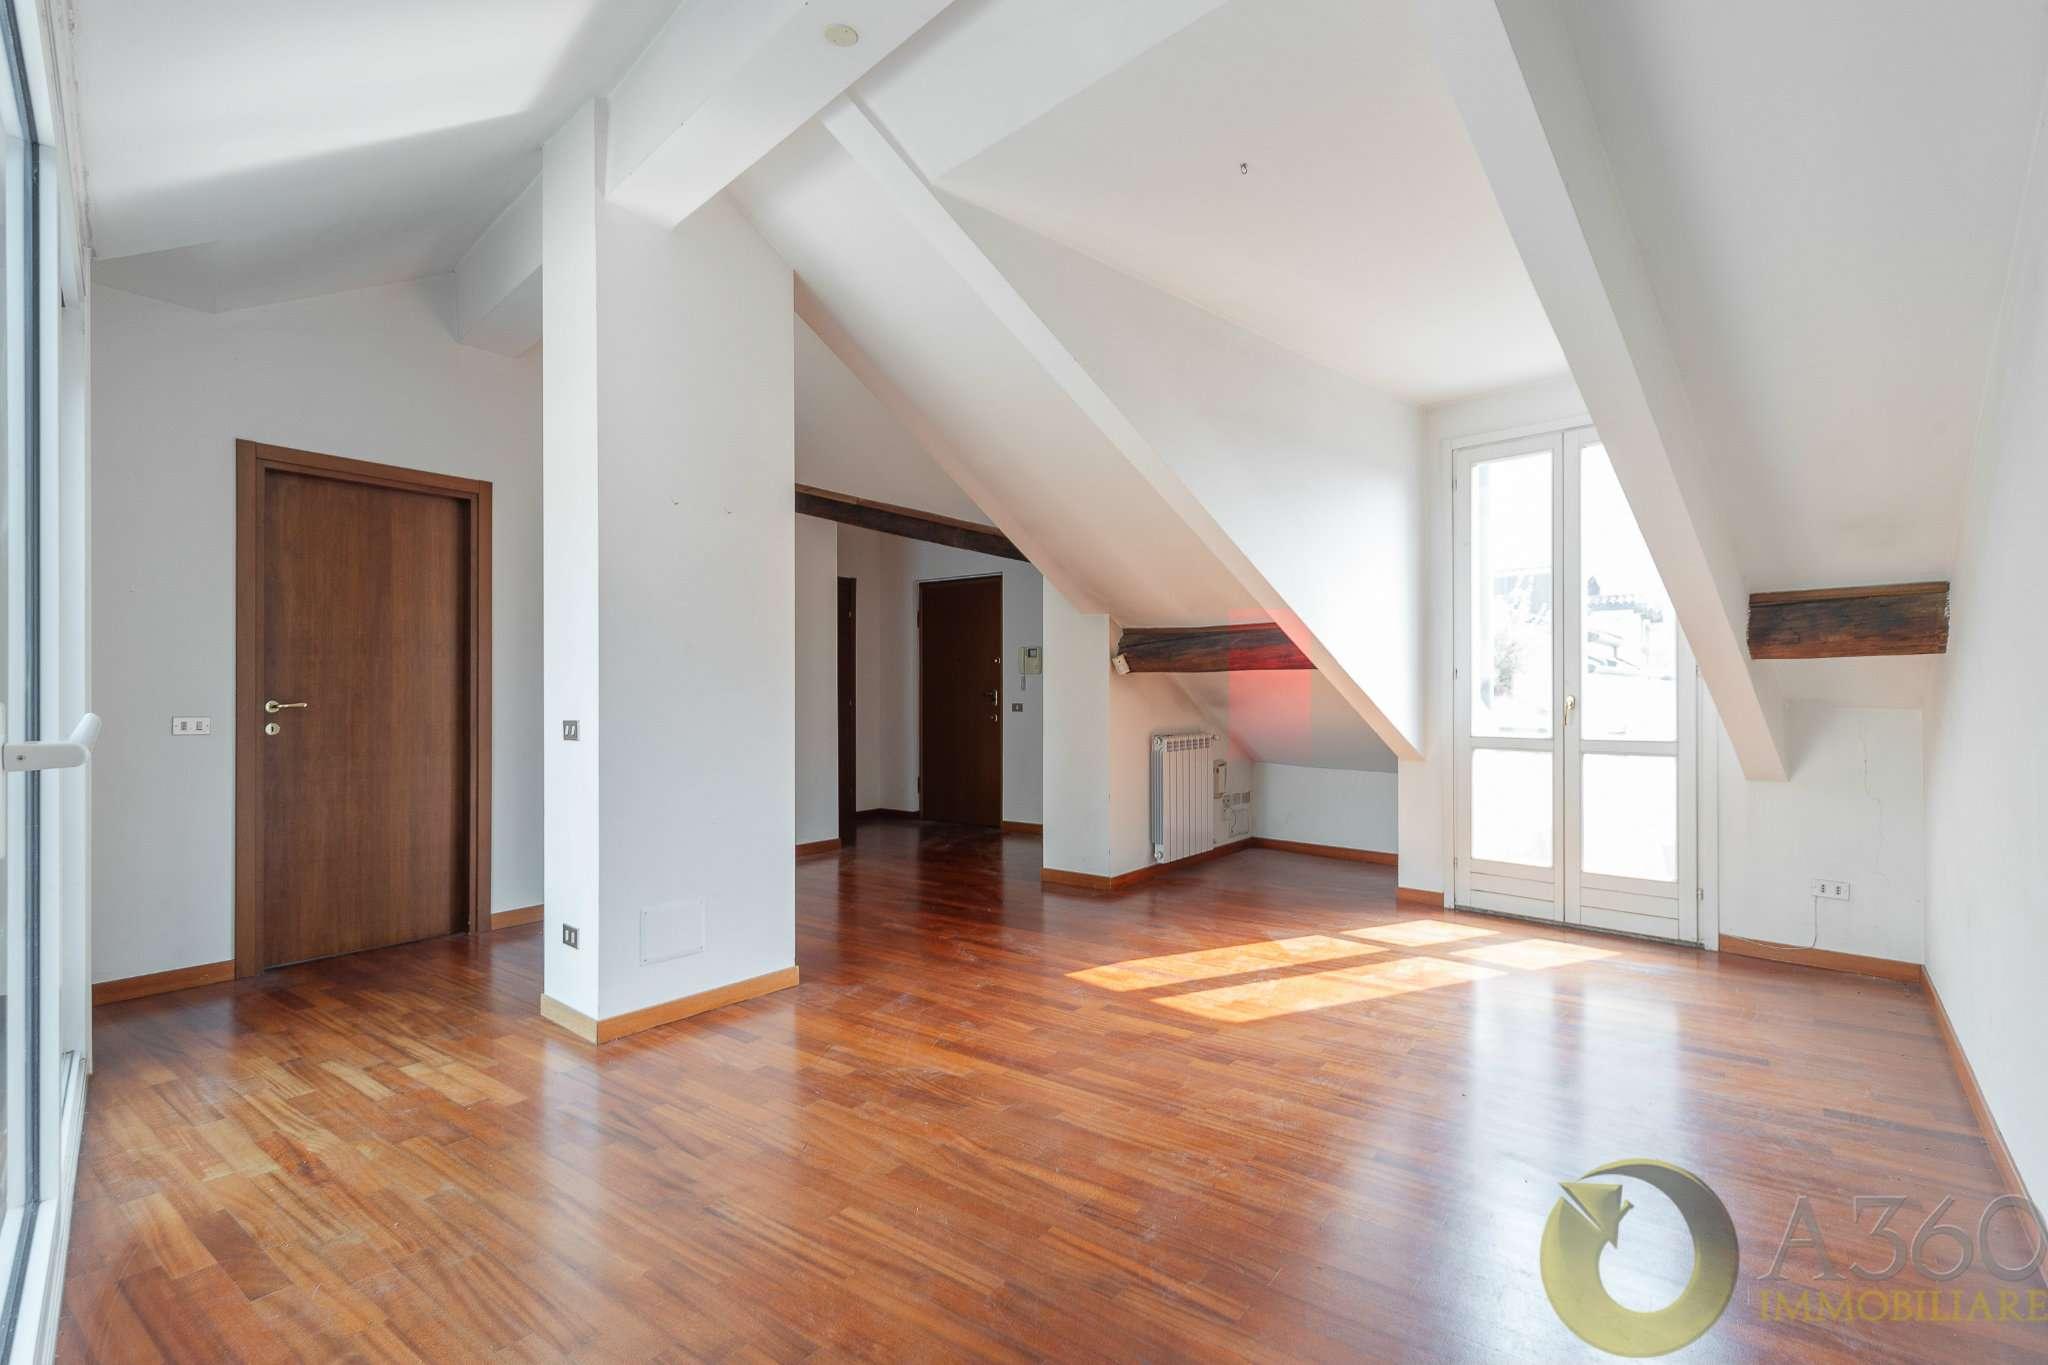 Appartamento in Vendita a Milano 03 Venezia / Piave / Buenos Aires:  5 locali, 182 mq  - Foto 1